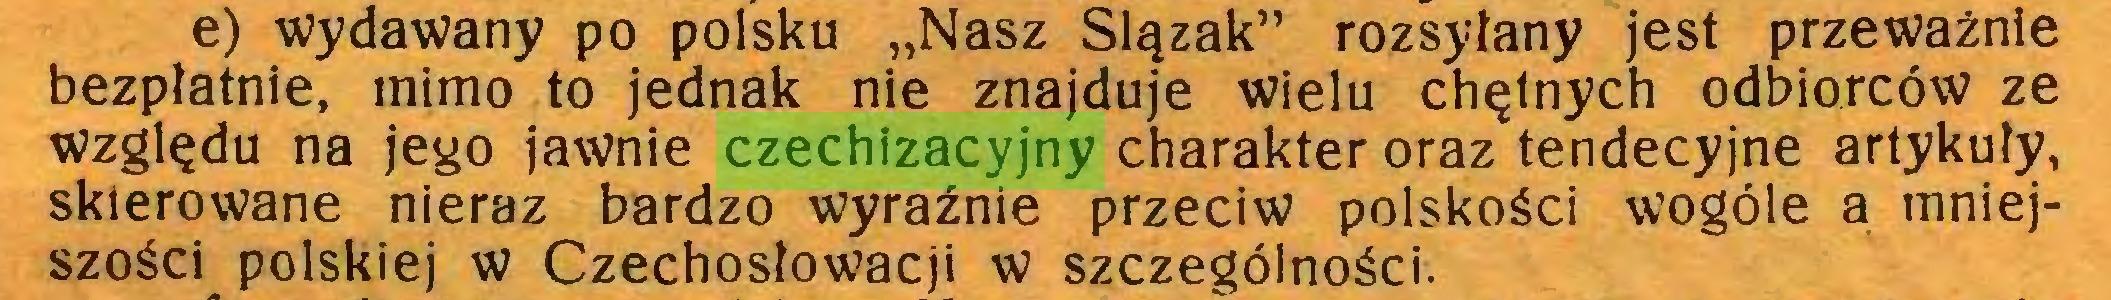 """(...) e) wydawany po polsku """"Nasz Ślązak"""" rozsyłany jest przeważnie bezpłatnie, mimo to jednak nie znajduje wielu chętnych odbiorców ze względu na jego jawnie czechizacyjny charakter oraz tendecyjne artykuły, skierowane nieraz bardzo wyraźnie przeciw polskości wogóle a mniejszości polskiej w Czechosłowacji w szczególności..."""